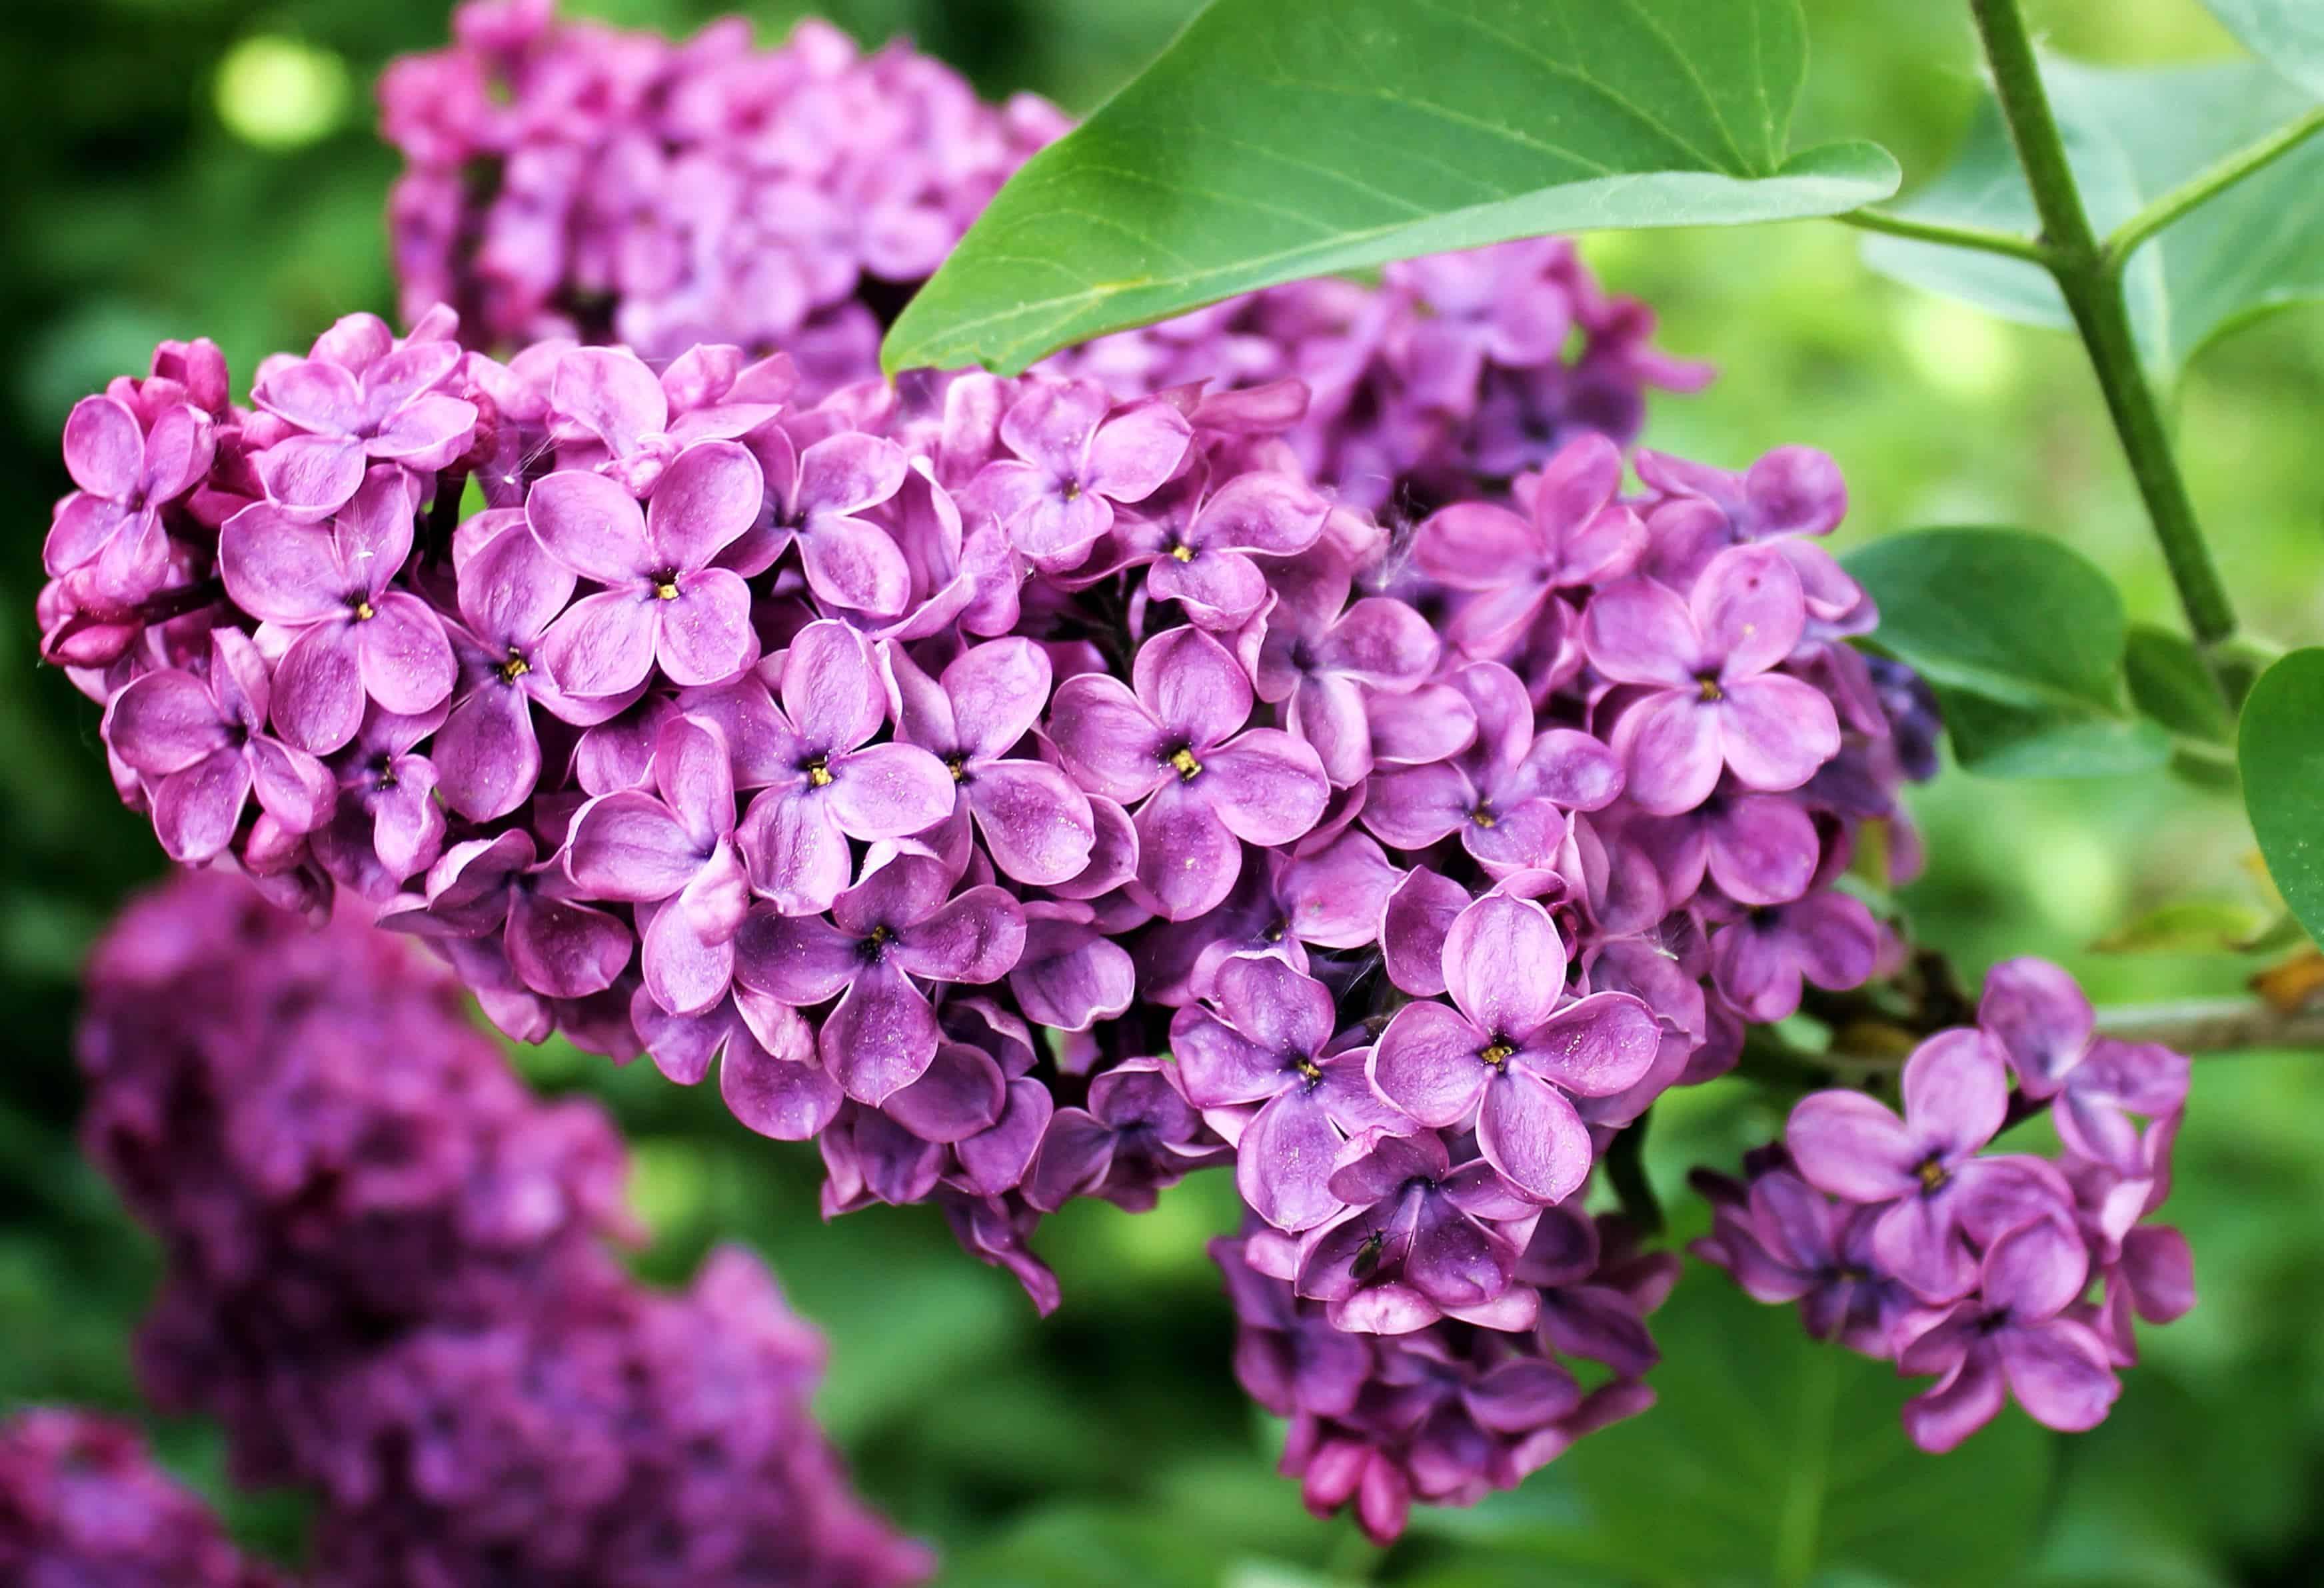 Image Libre Fleur Lilas Feuille Horticulture Petale Jardin